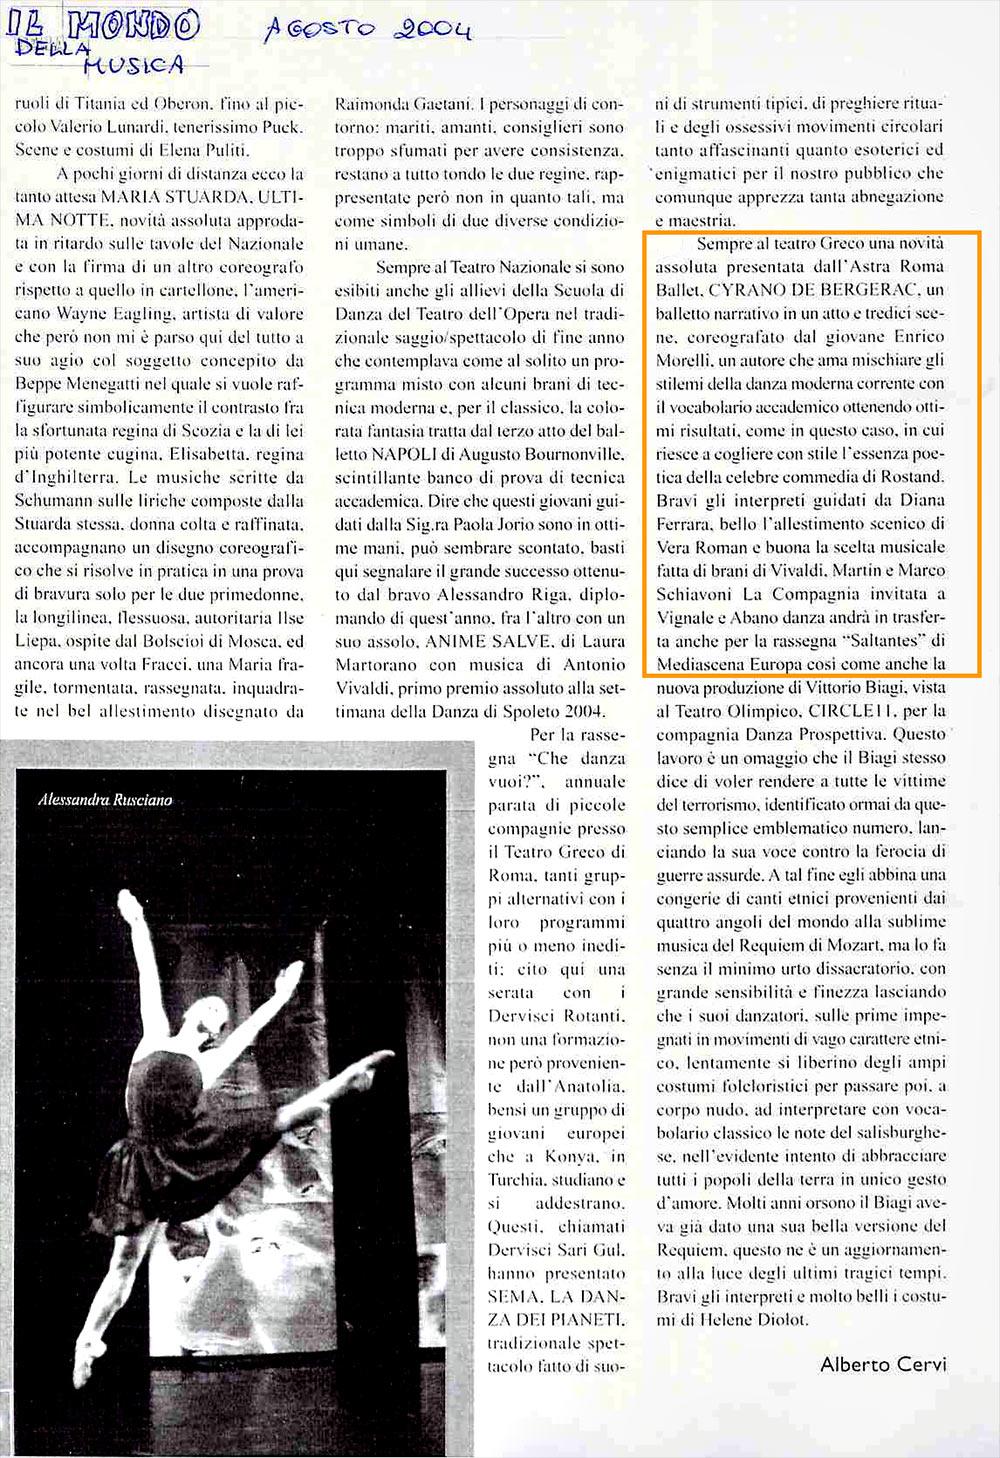 Diana ferrara astra roma ballet compagnia di danza e balletto